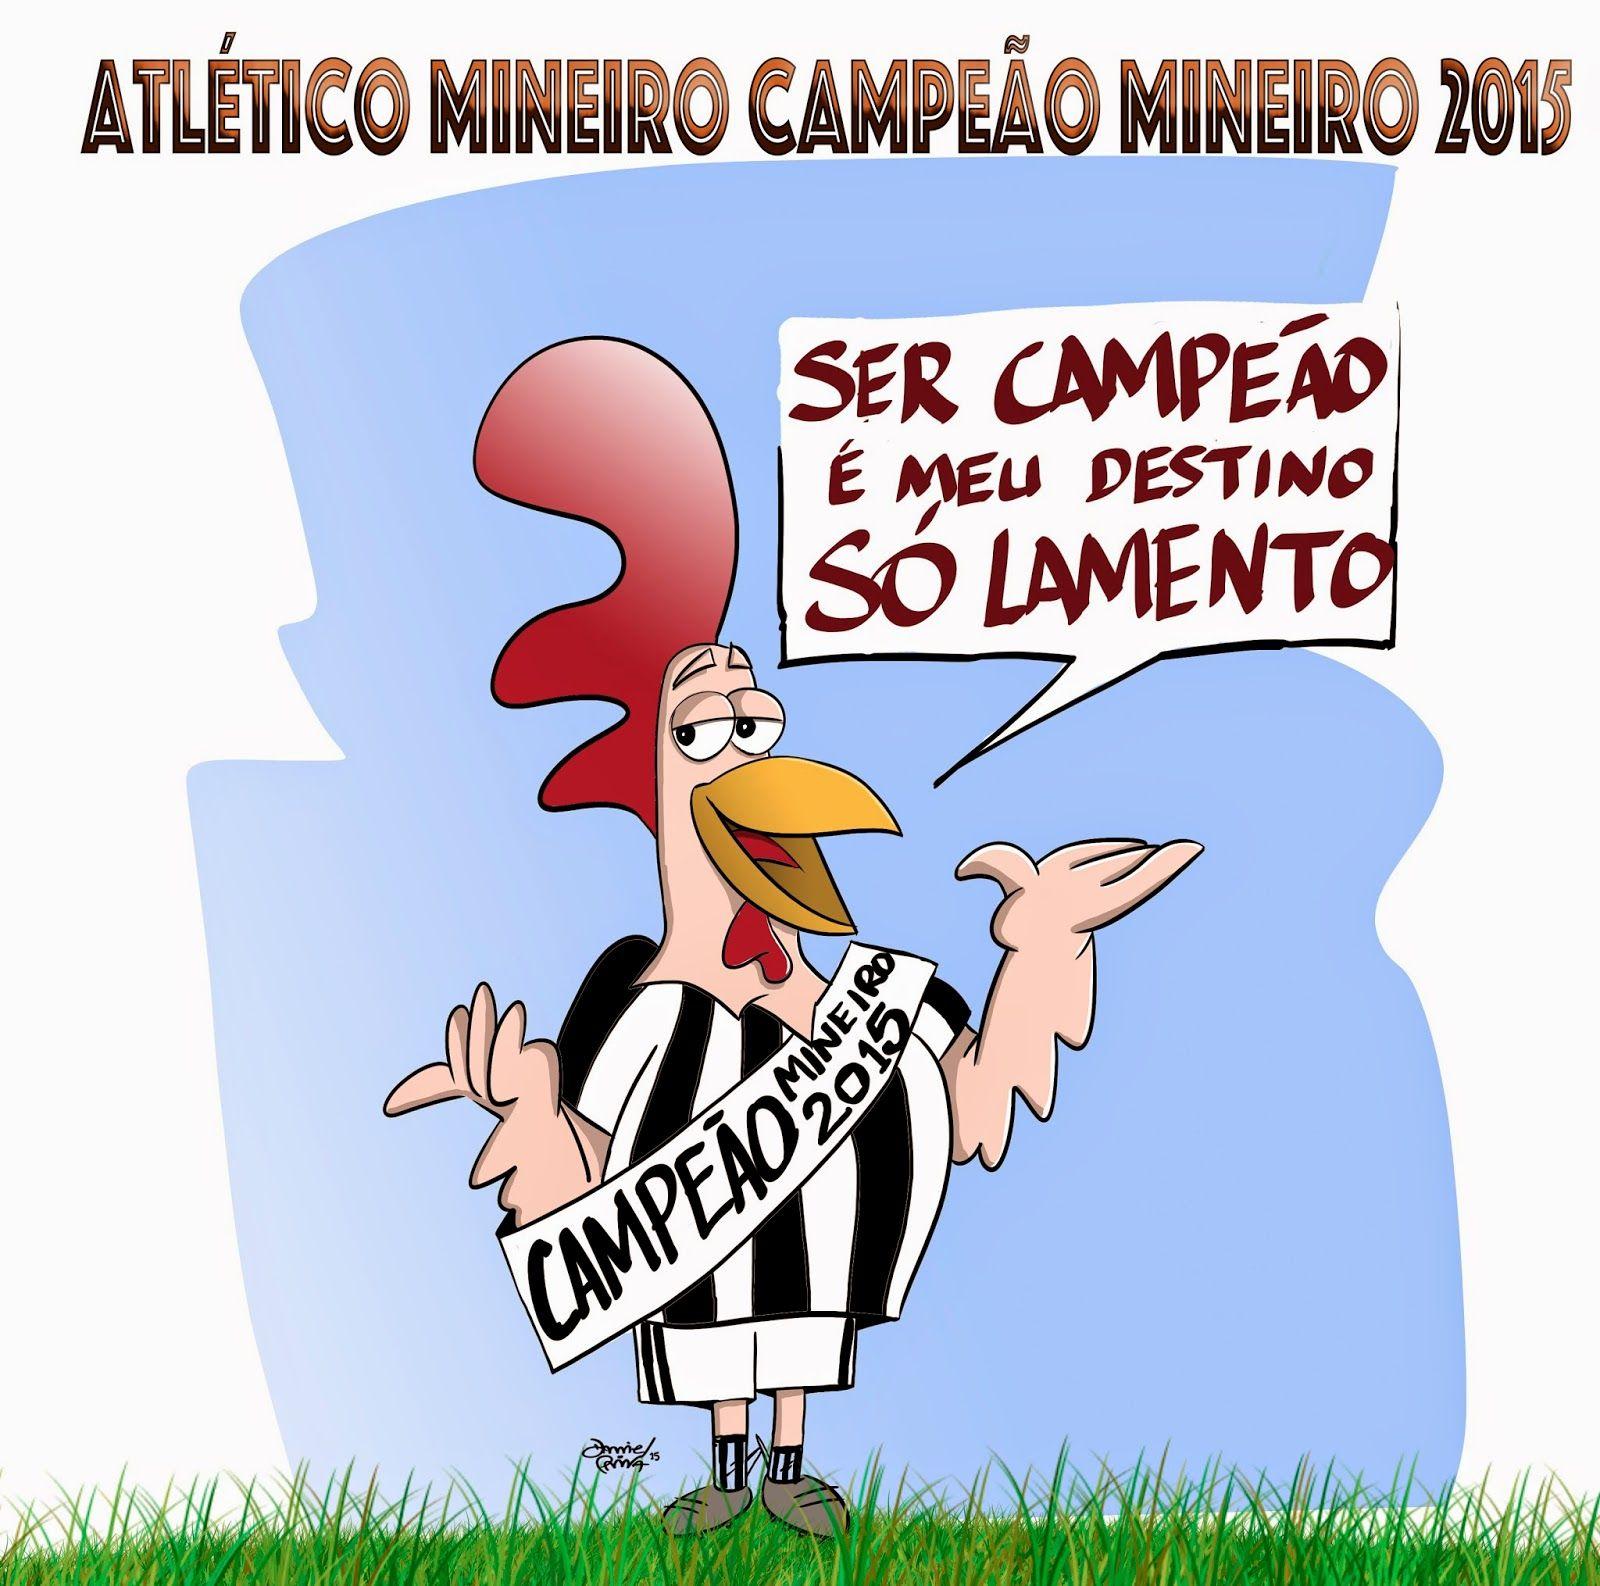 Atletico Mineiro Campeao Mineiro 2015 Disney Characters Character Fictional Characters